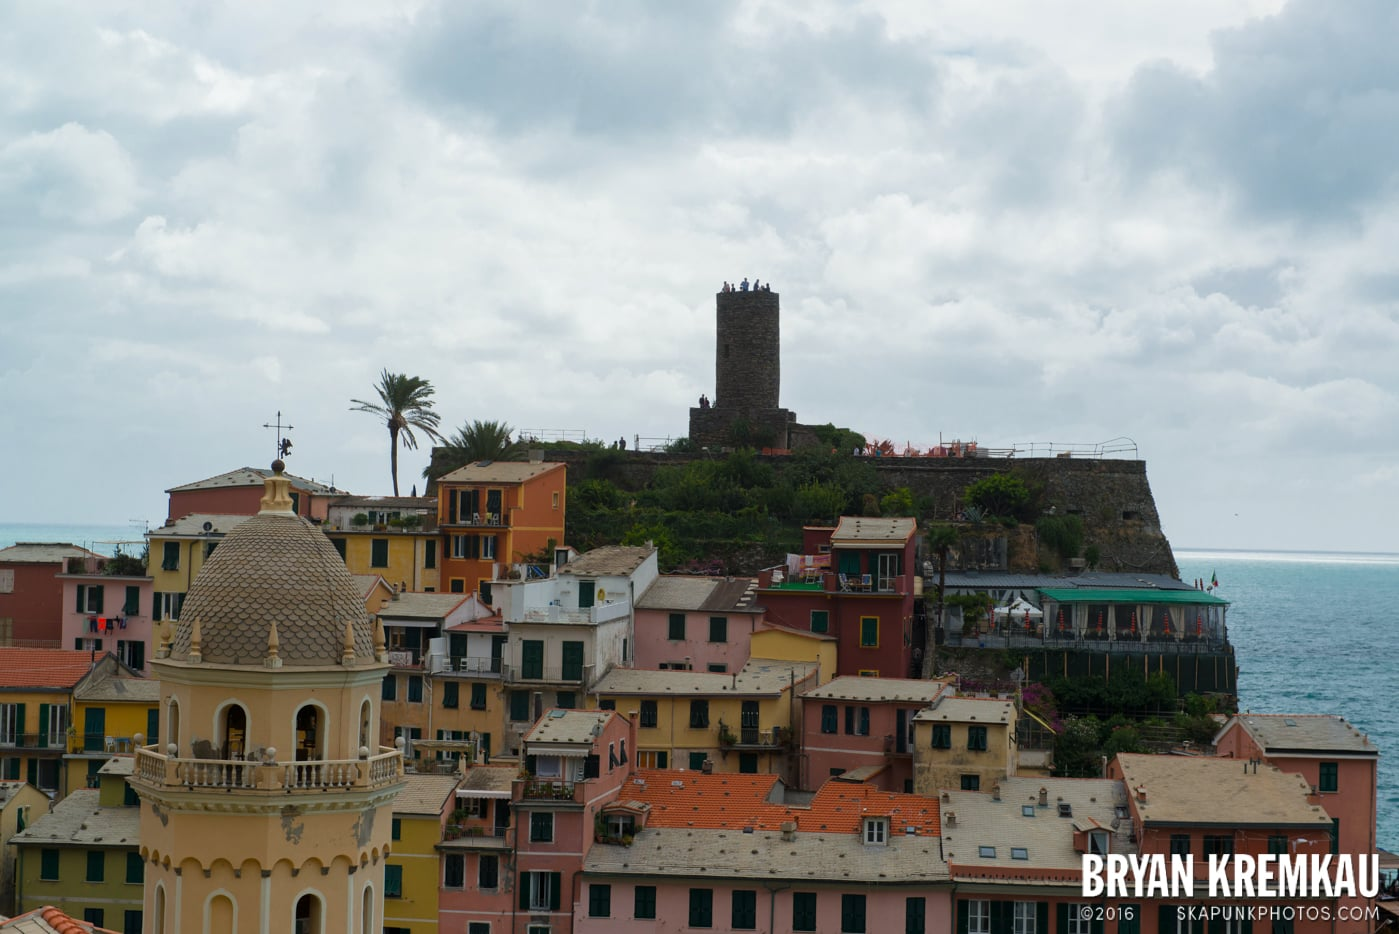 Italy Vacation - Day 10: Cinque Terre - 9.18.13 (53)